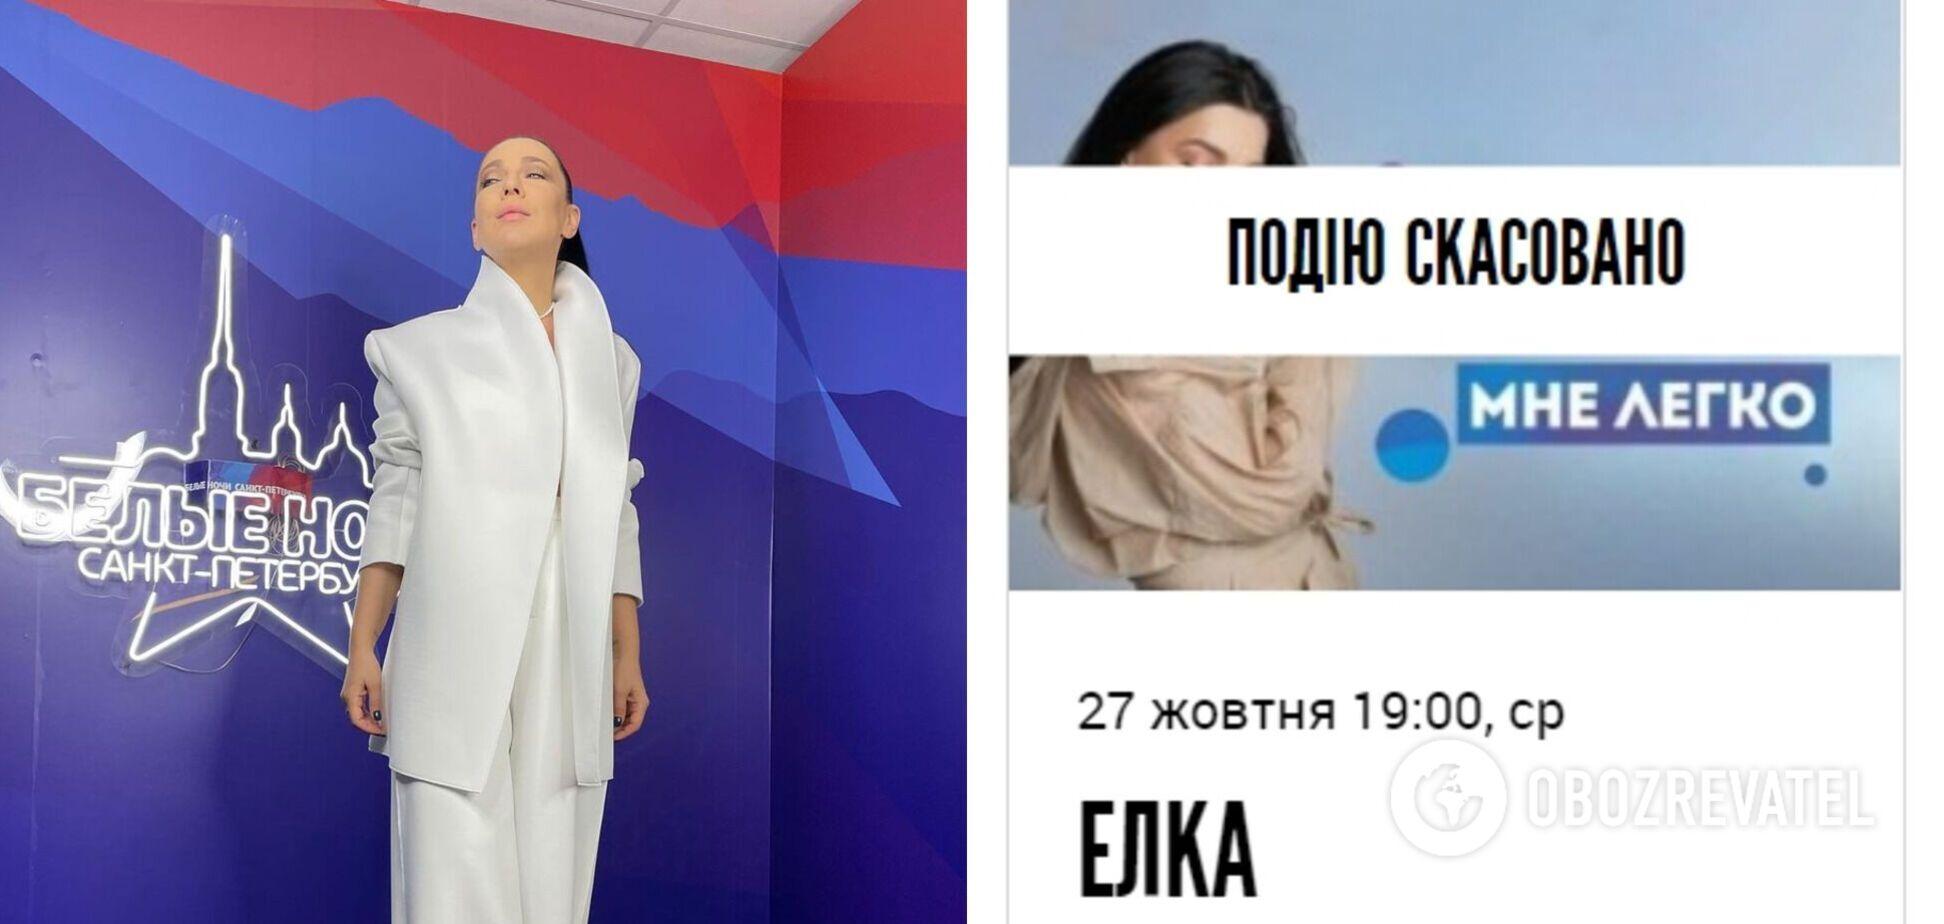 Злякалася СБУ? Співачка Йолка раптово відмовилася від концерту в Києві 27 жовтня. Ексклюзив